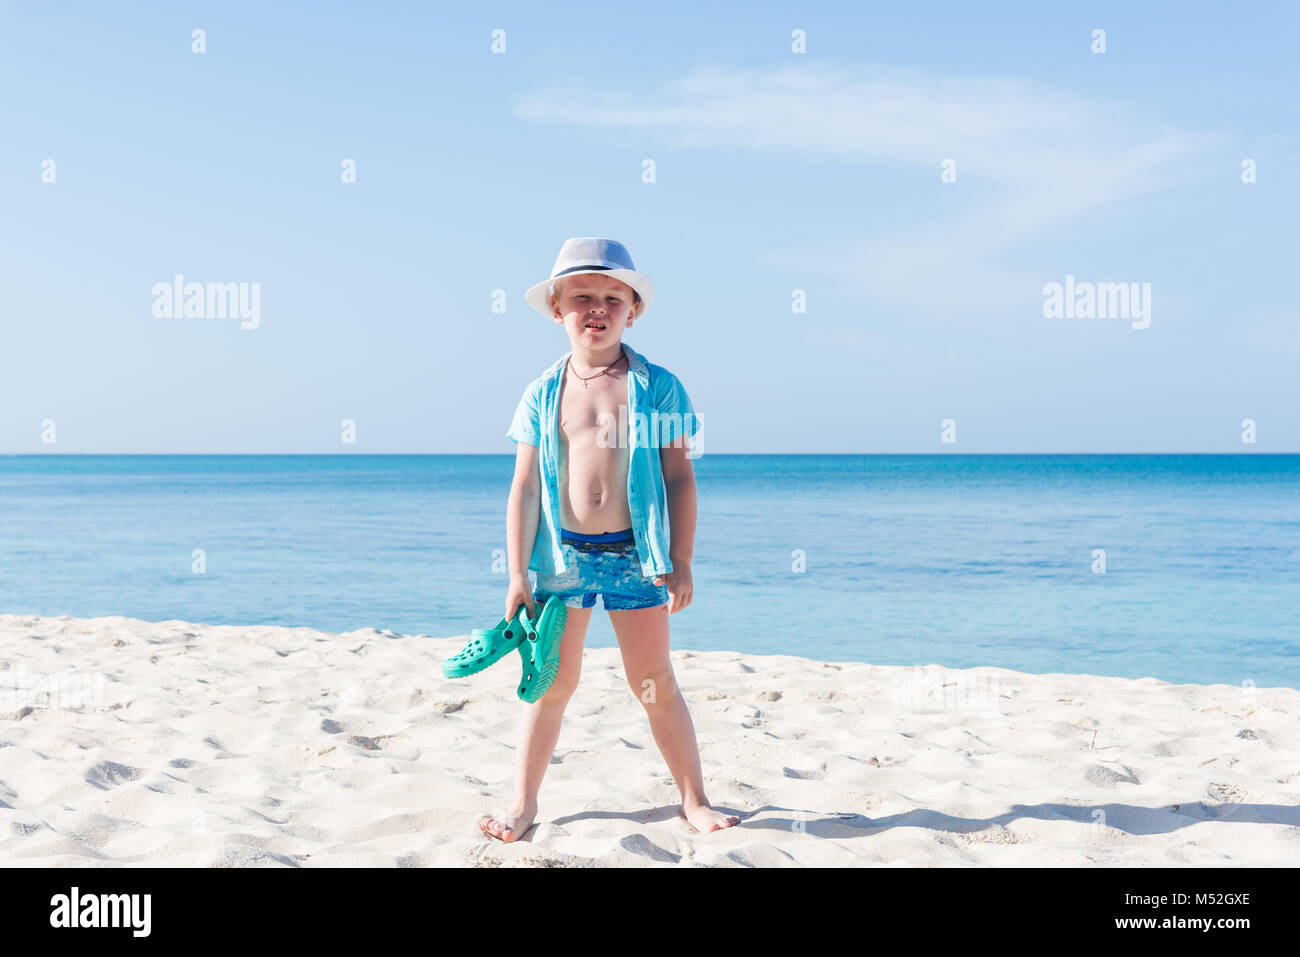 El muchacho en el Panamá en el mar Caribe, República Dominicana Foto de stock